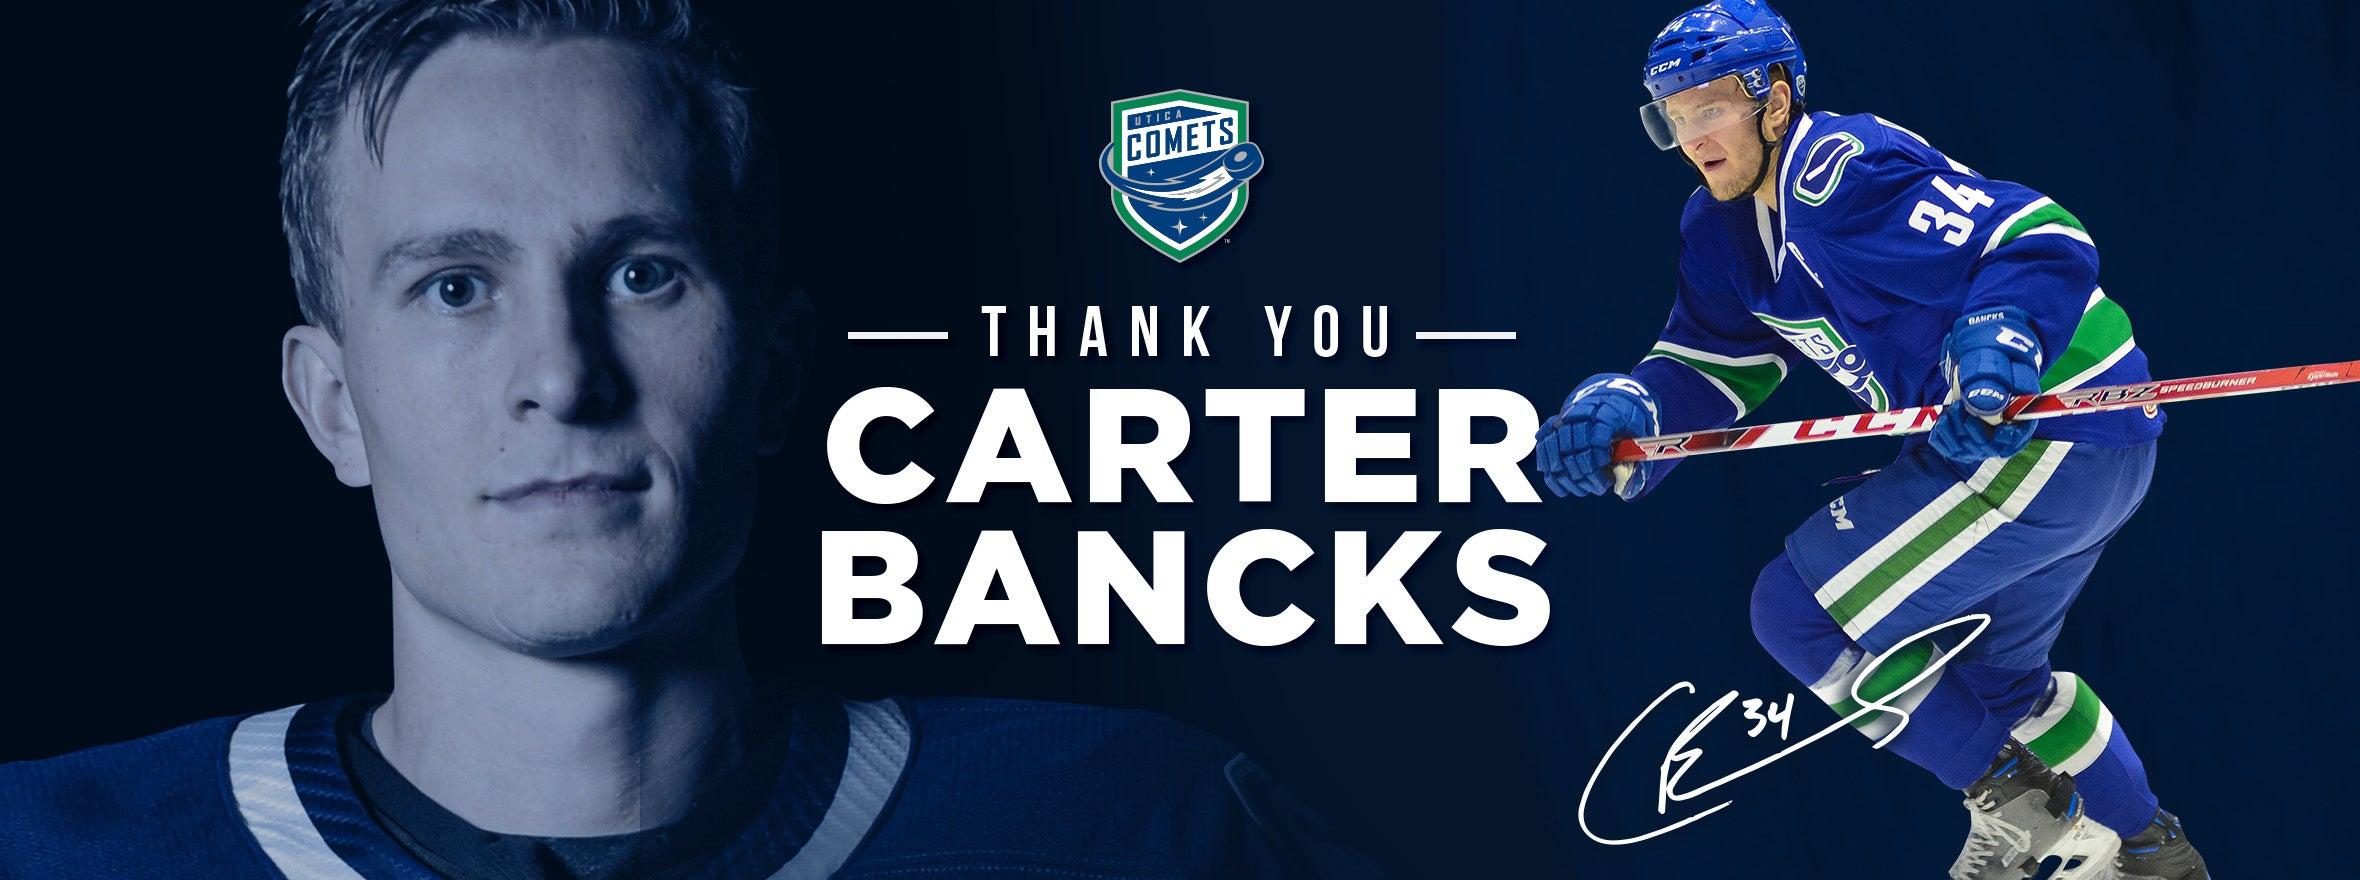 Thank You Carter Bancks